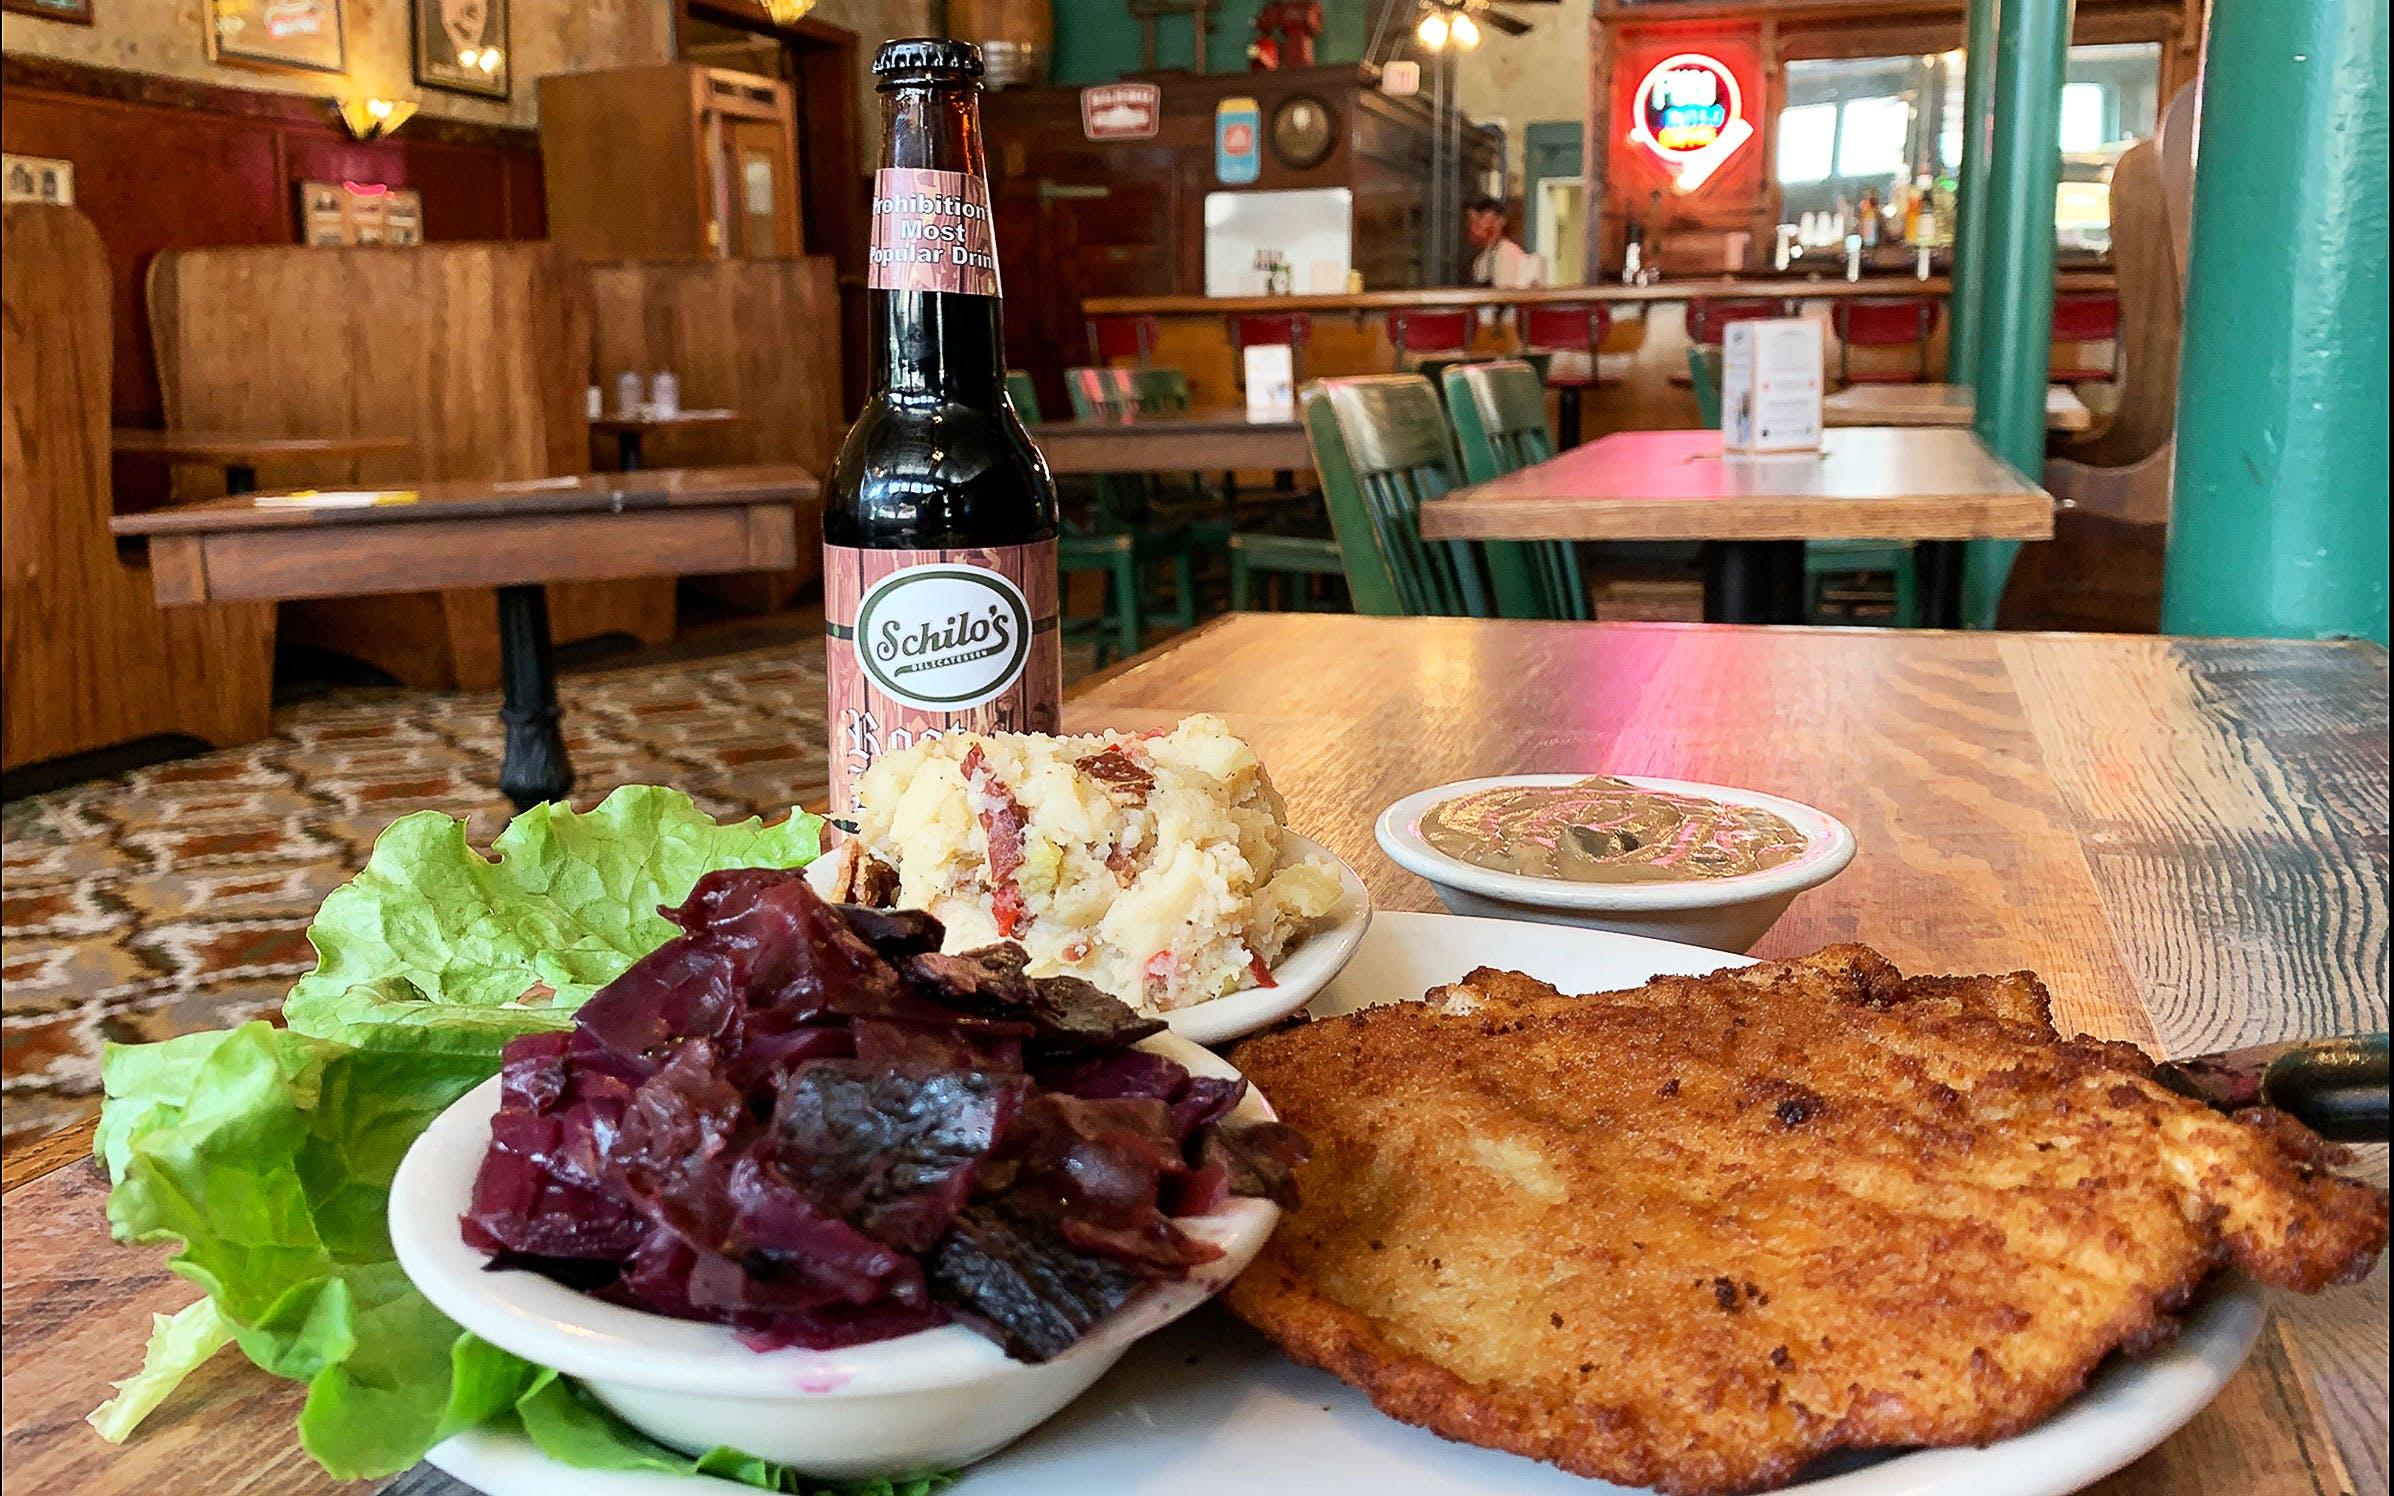 german-food-schilos-pork-schnitzel